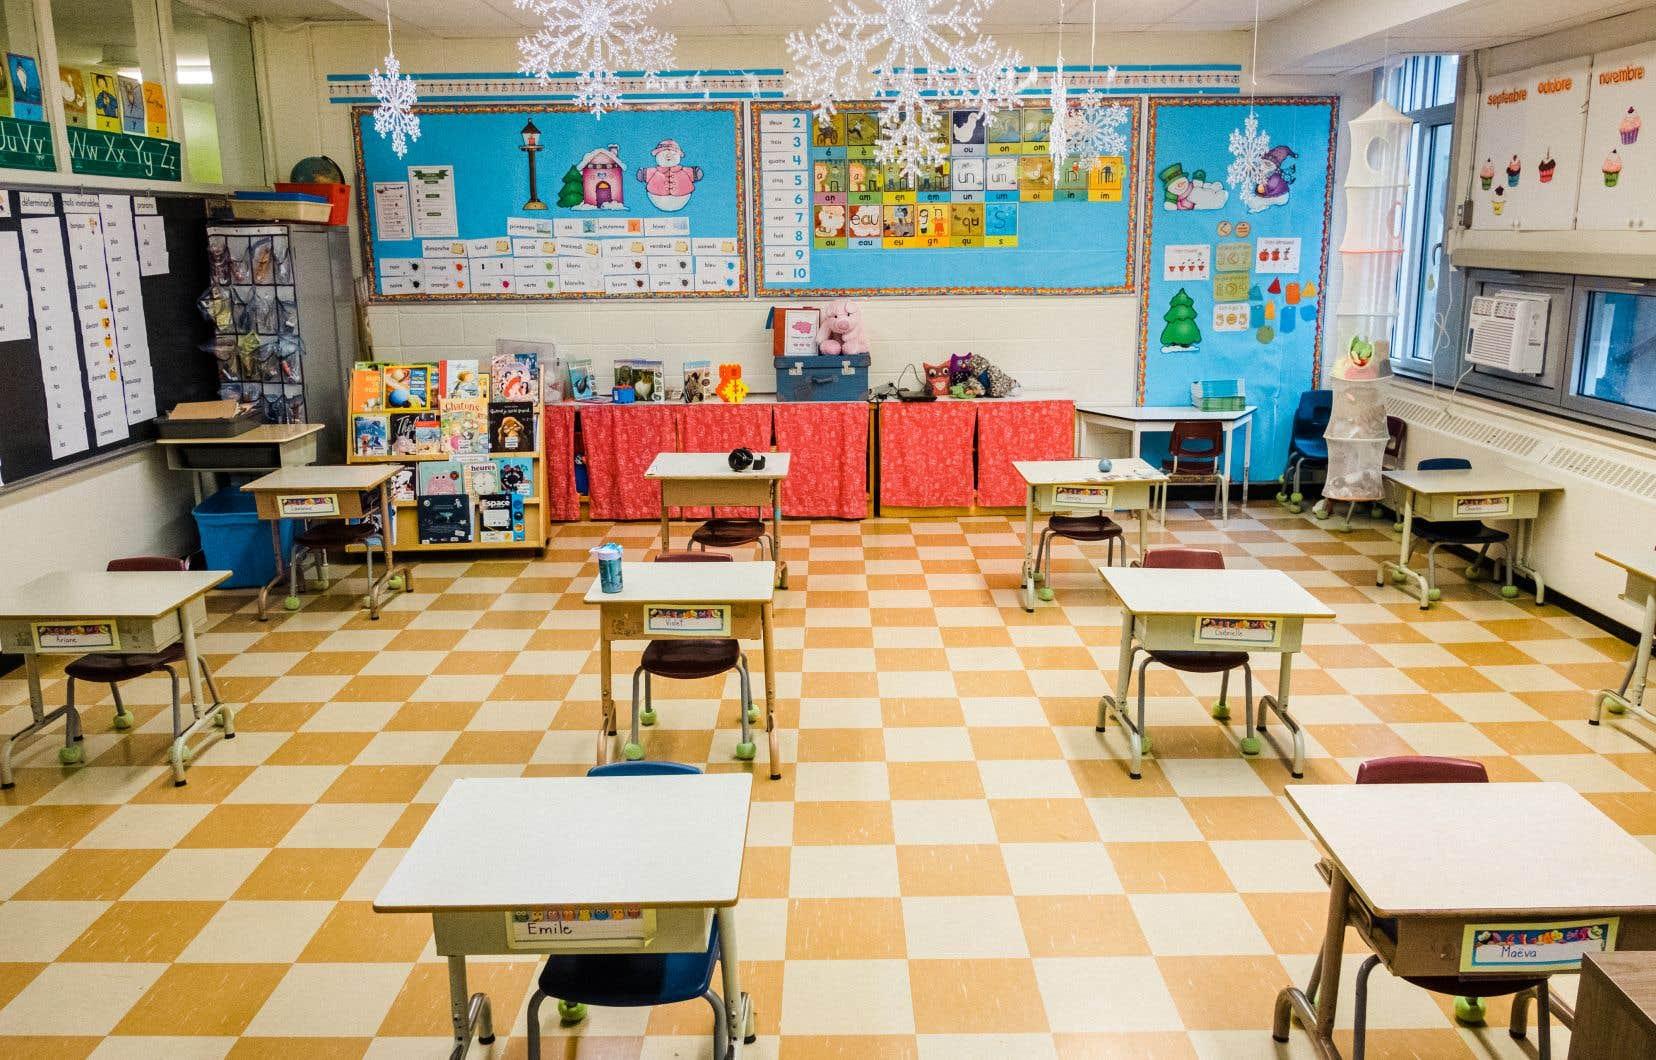 La réouverture des écoles primaires hors de la grande région de Montréal, depuis le 11mai, démontre que les écoles peuvent accueillir élèves et membres du personnel en relative sécurité, estime la Santé publique.